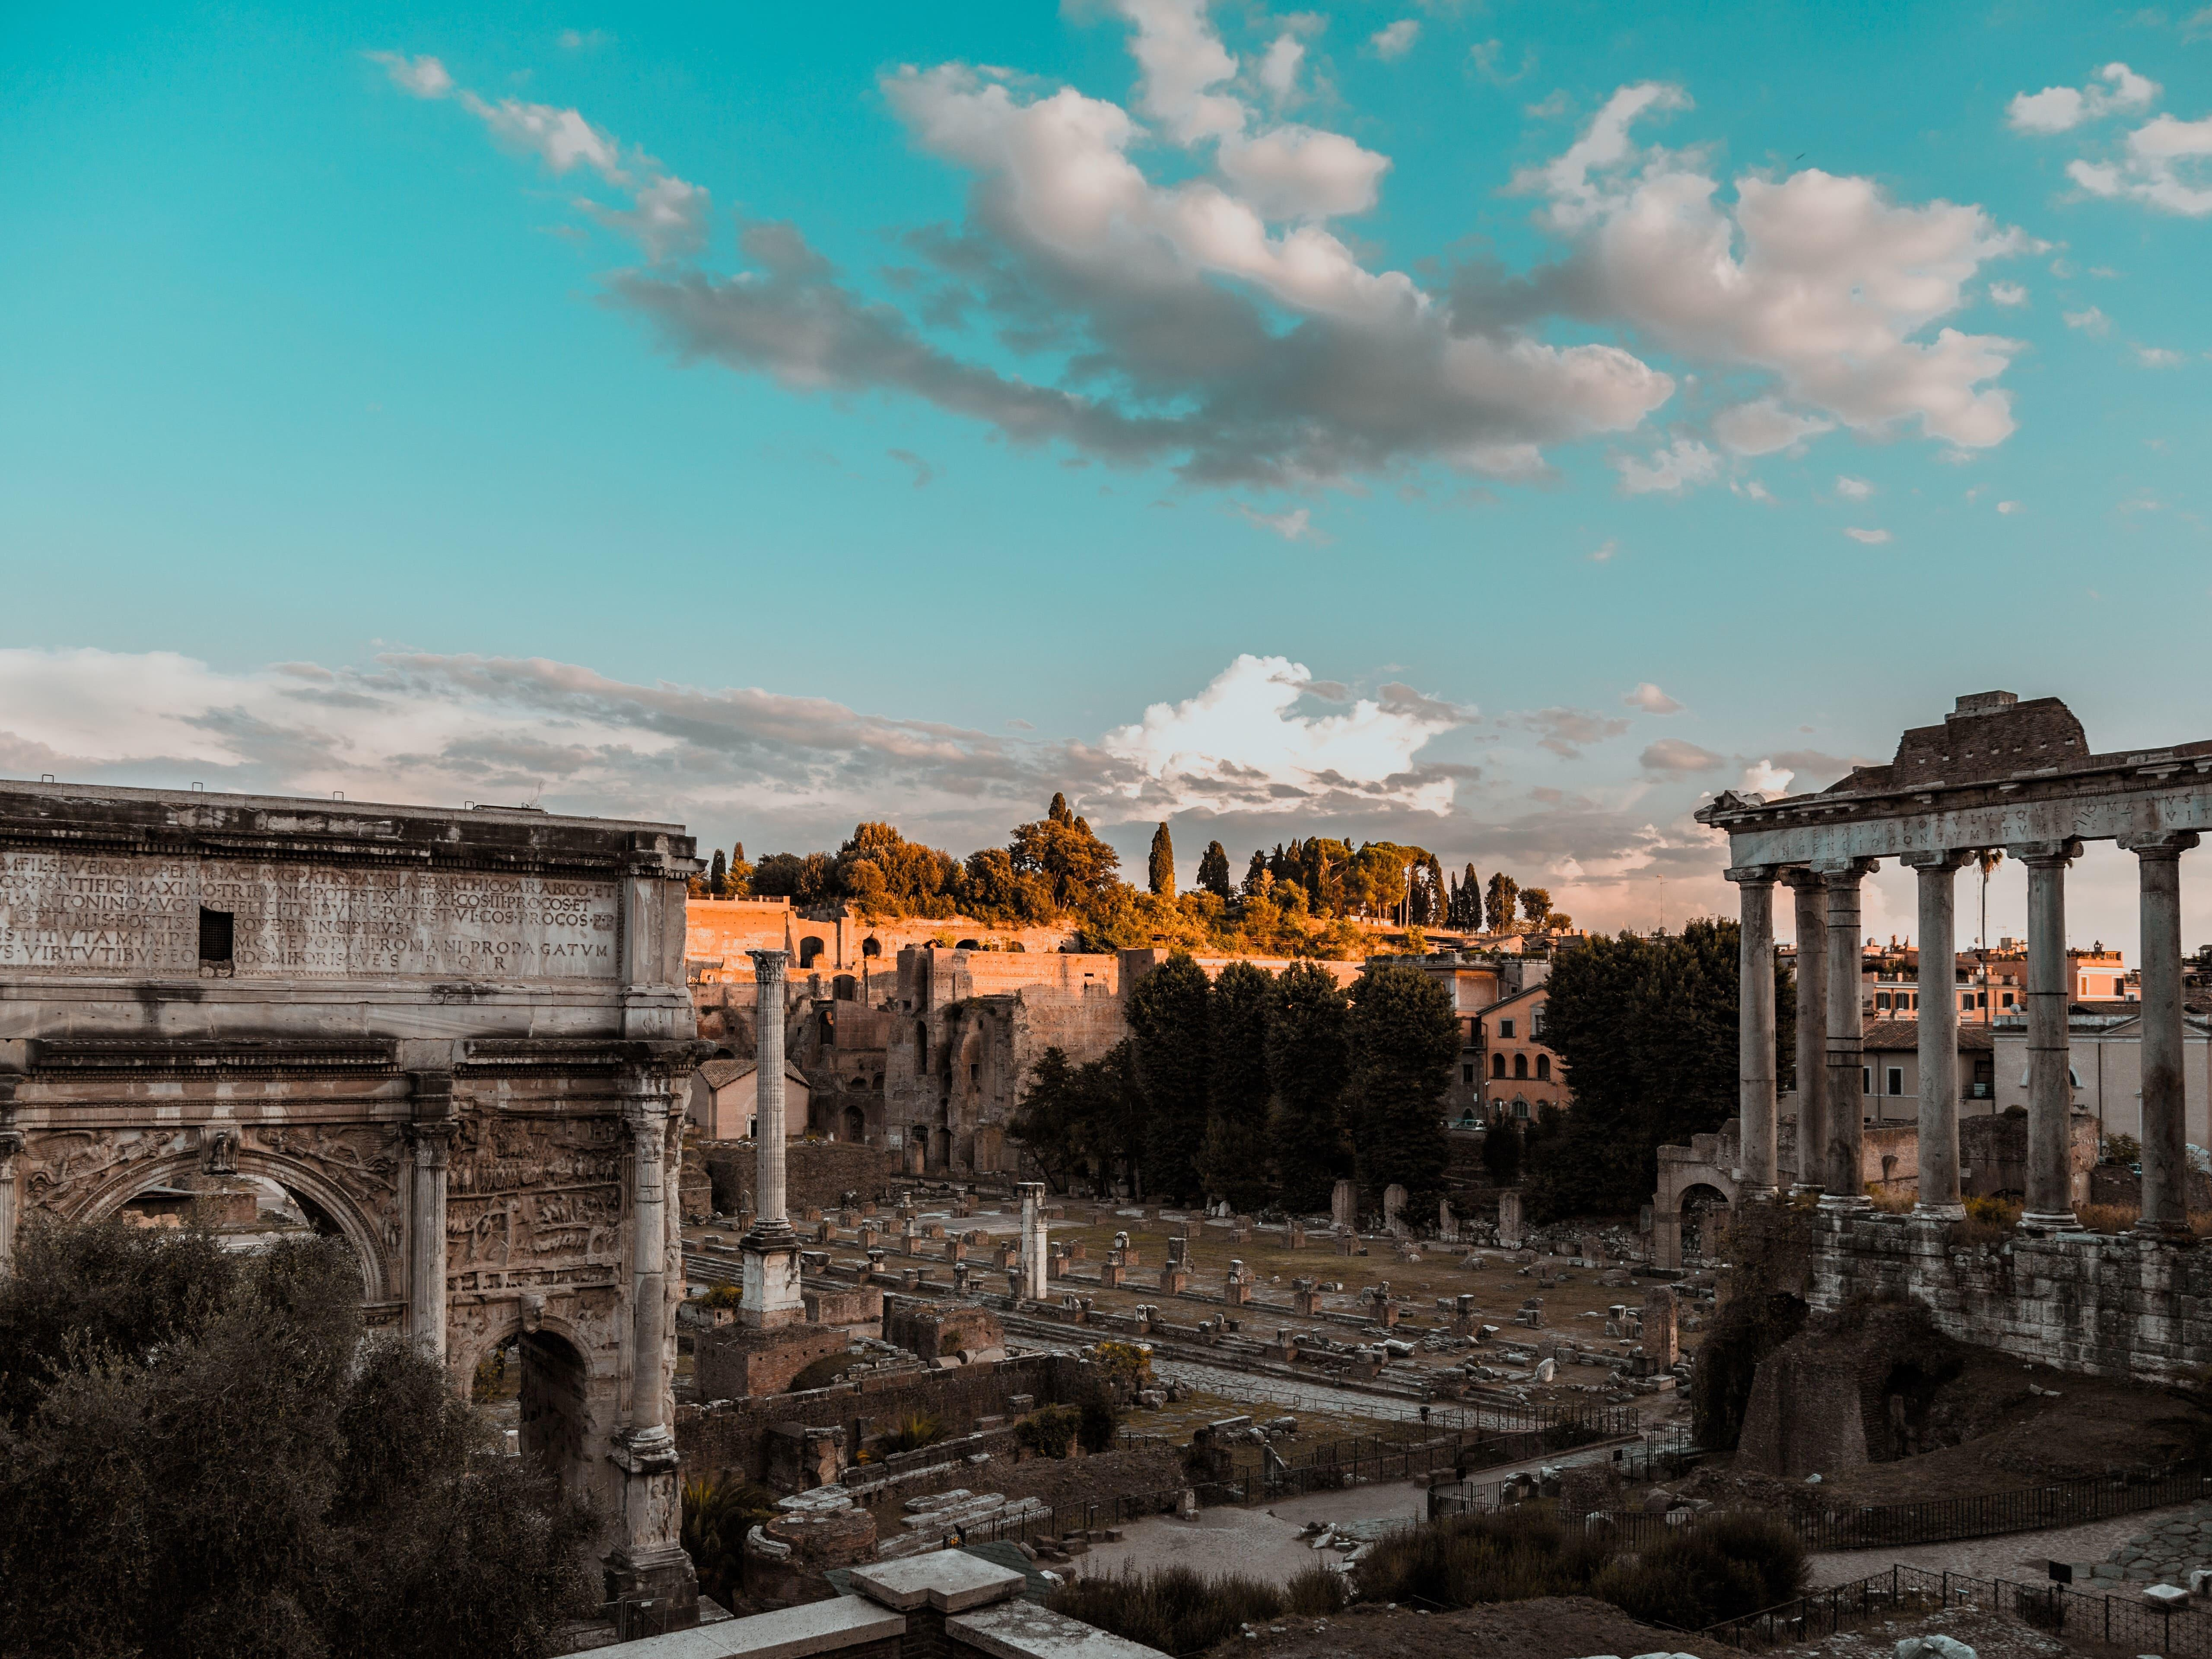 Bellezze artistiche di Roma vicino Bettoja Hotels